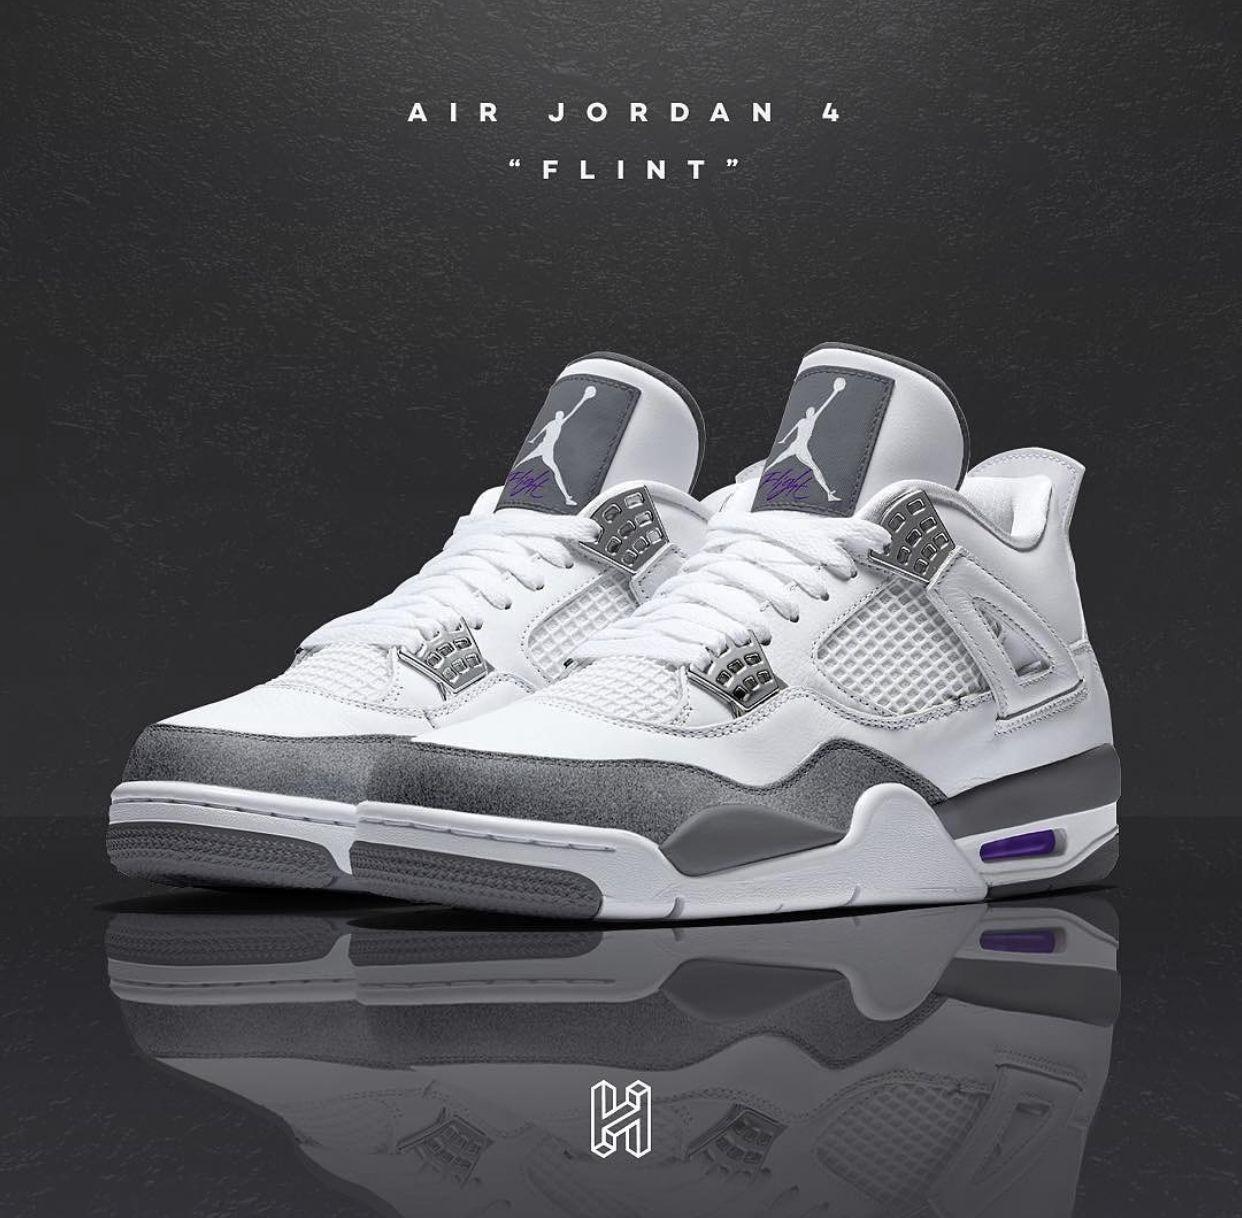 finest selection 6f14c a7413 Jordan 4 Flint   Kicks (Sneakers) in 2019   Sneakers, Popular ...